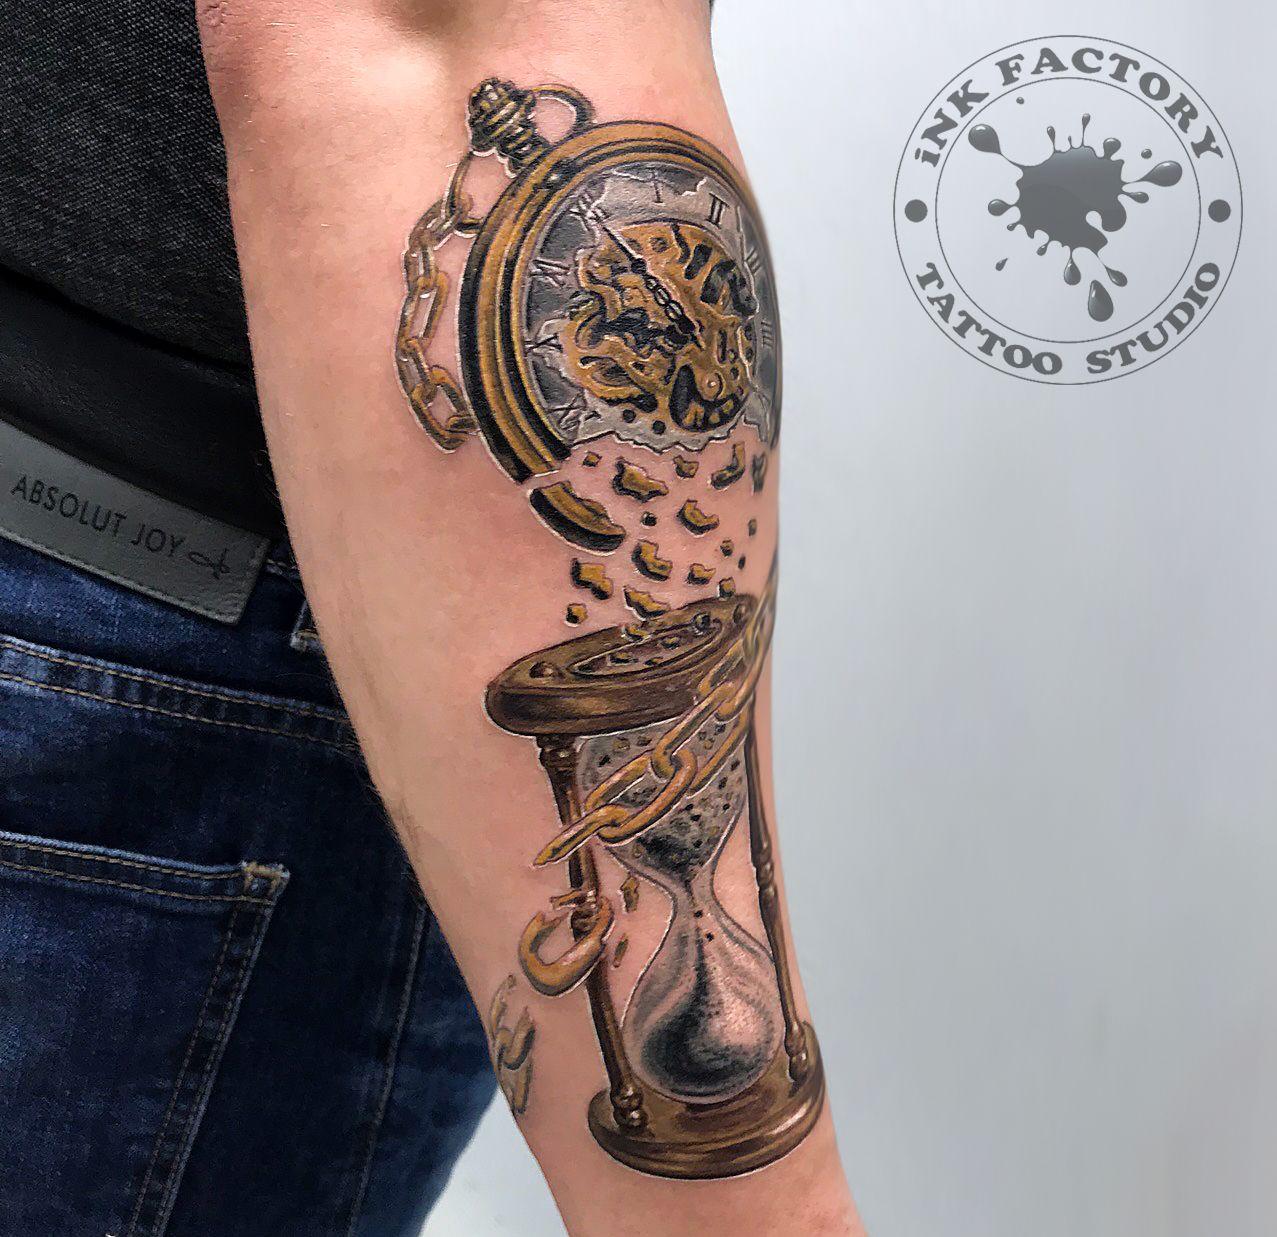 Часы и время - сделано в InkFactory